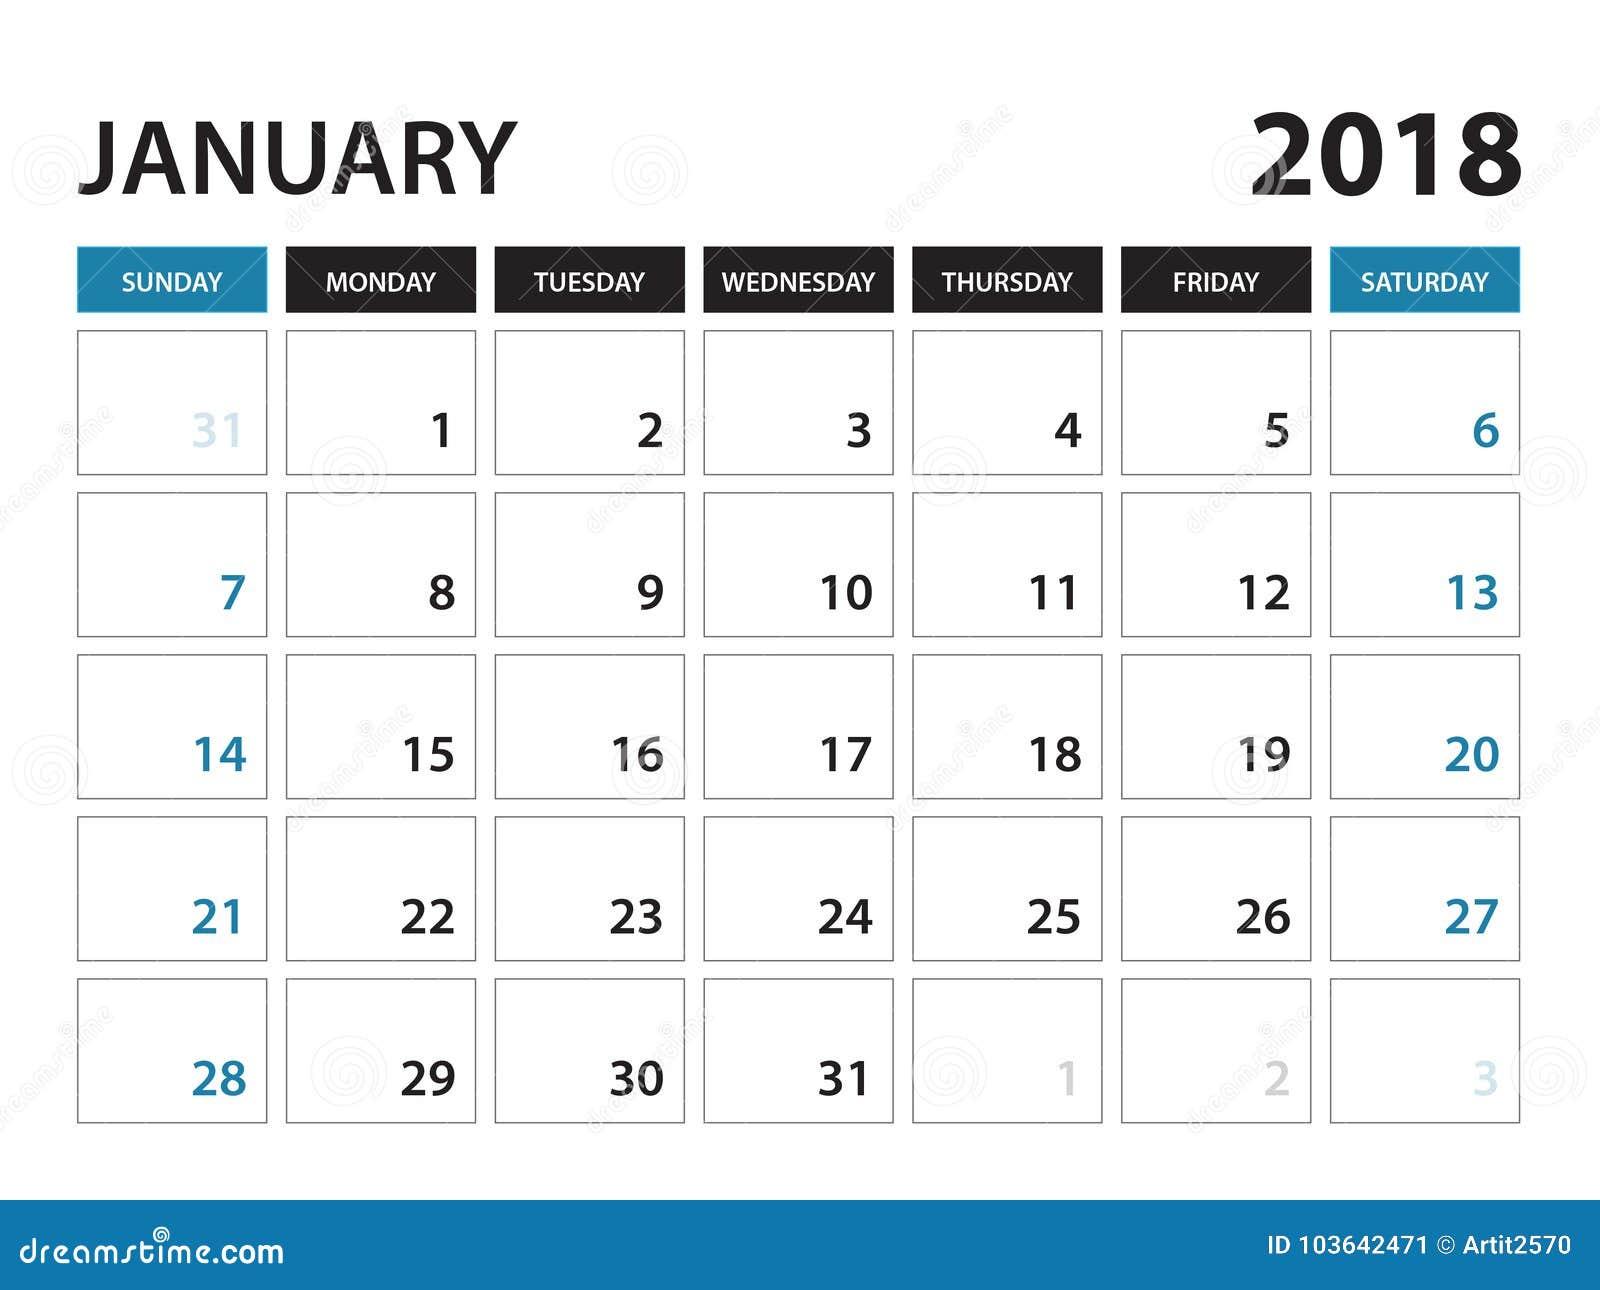 Den tryckbara kalendern för Januari 2018, vecka startar på söndag